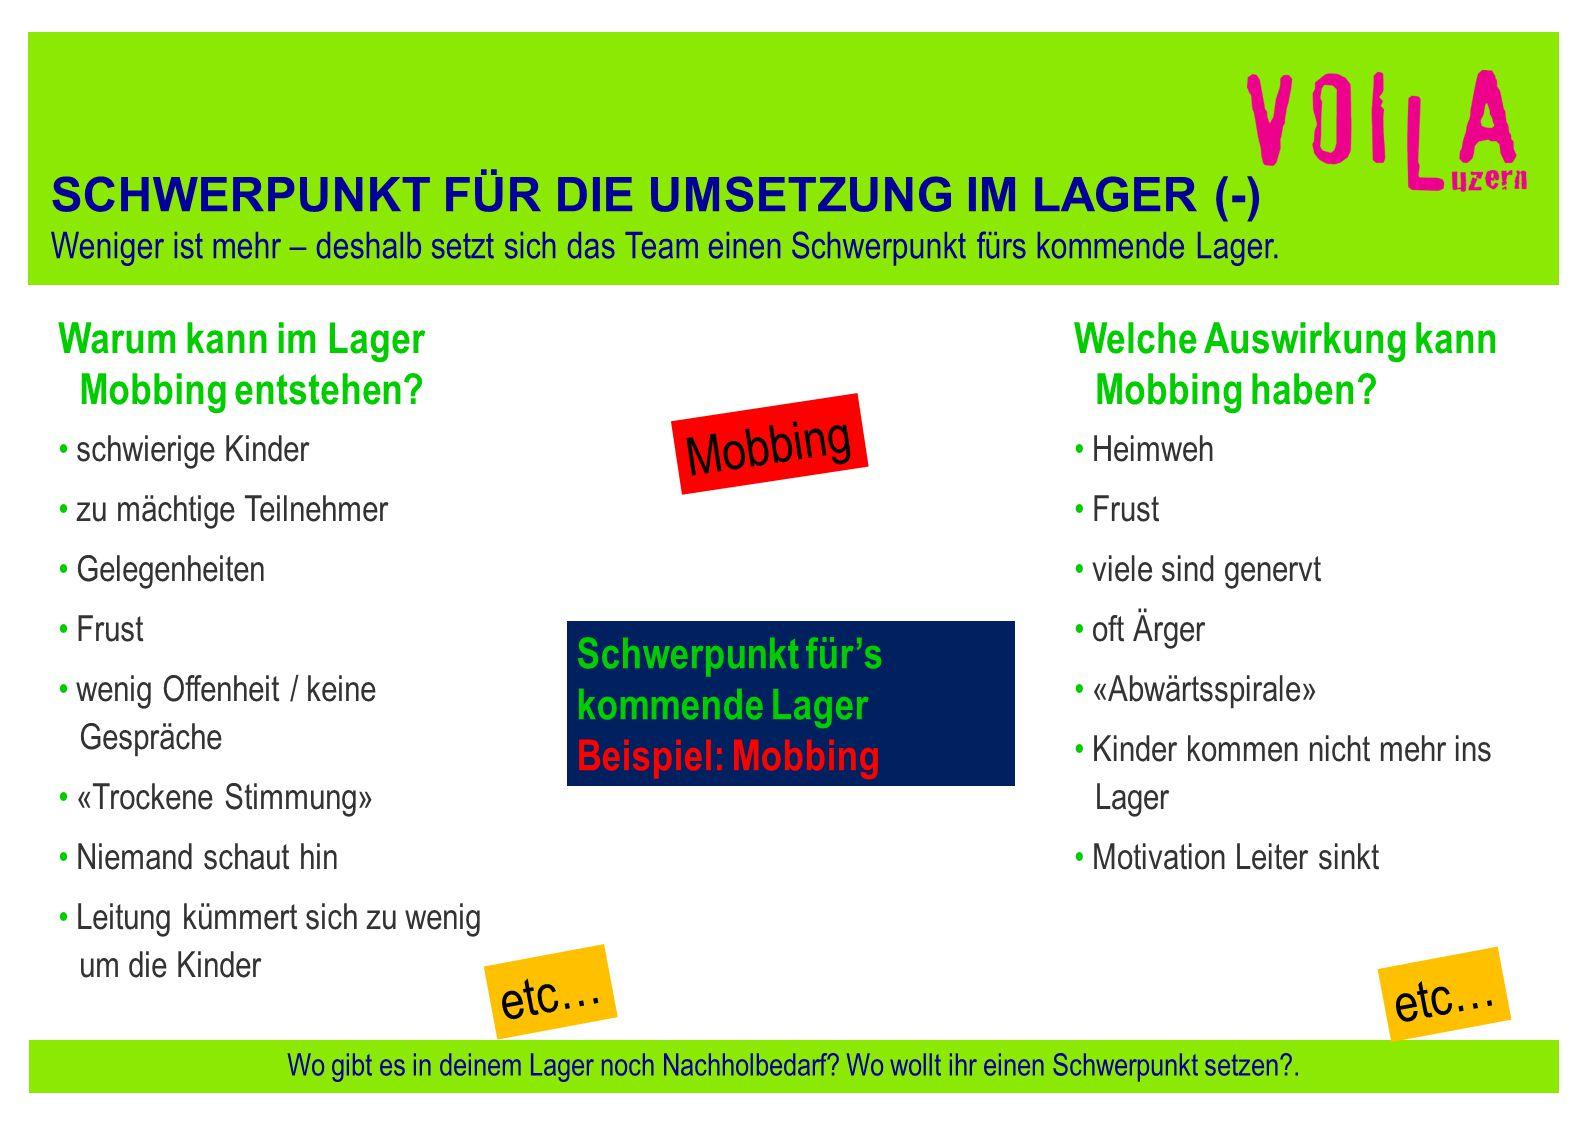 Mobbing etc… etc… SCHWERPUNKT FÜR DIE UMSETZUNG IM LAGER (-)